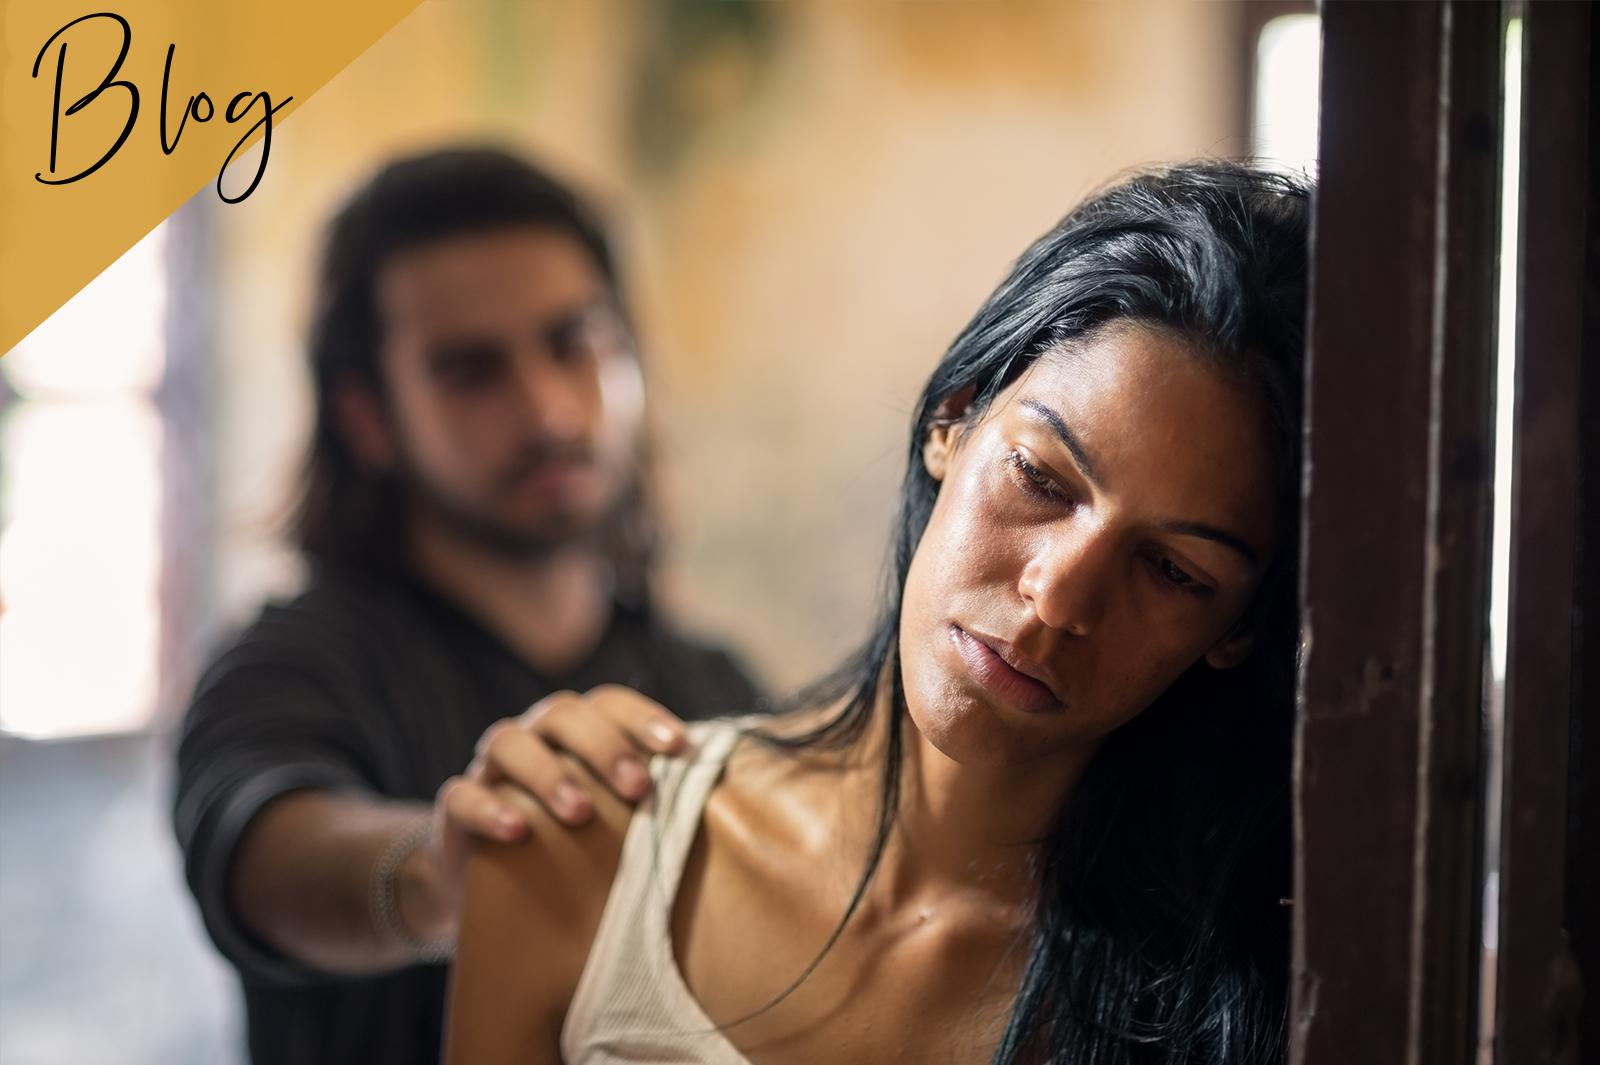 Frau wendet sich von Mann ab nach Streit